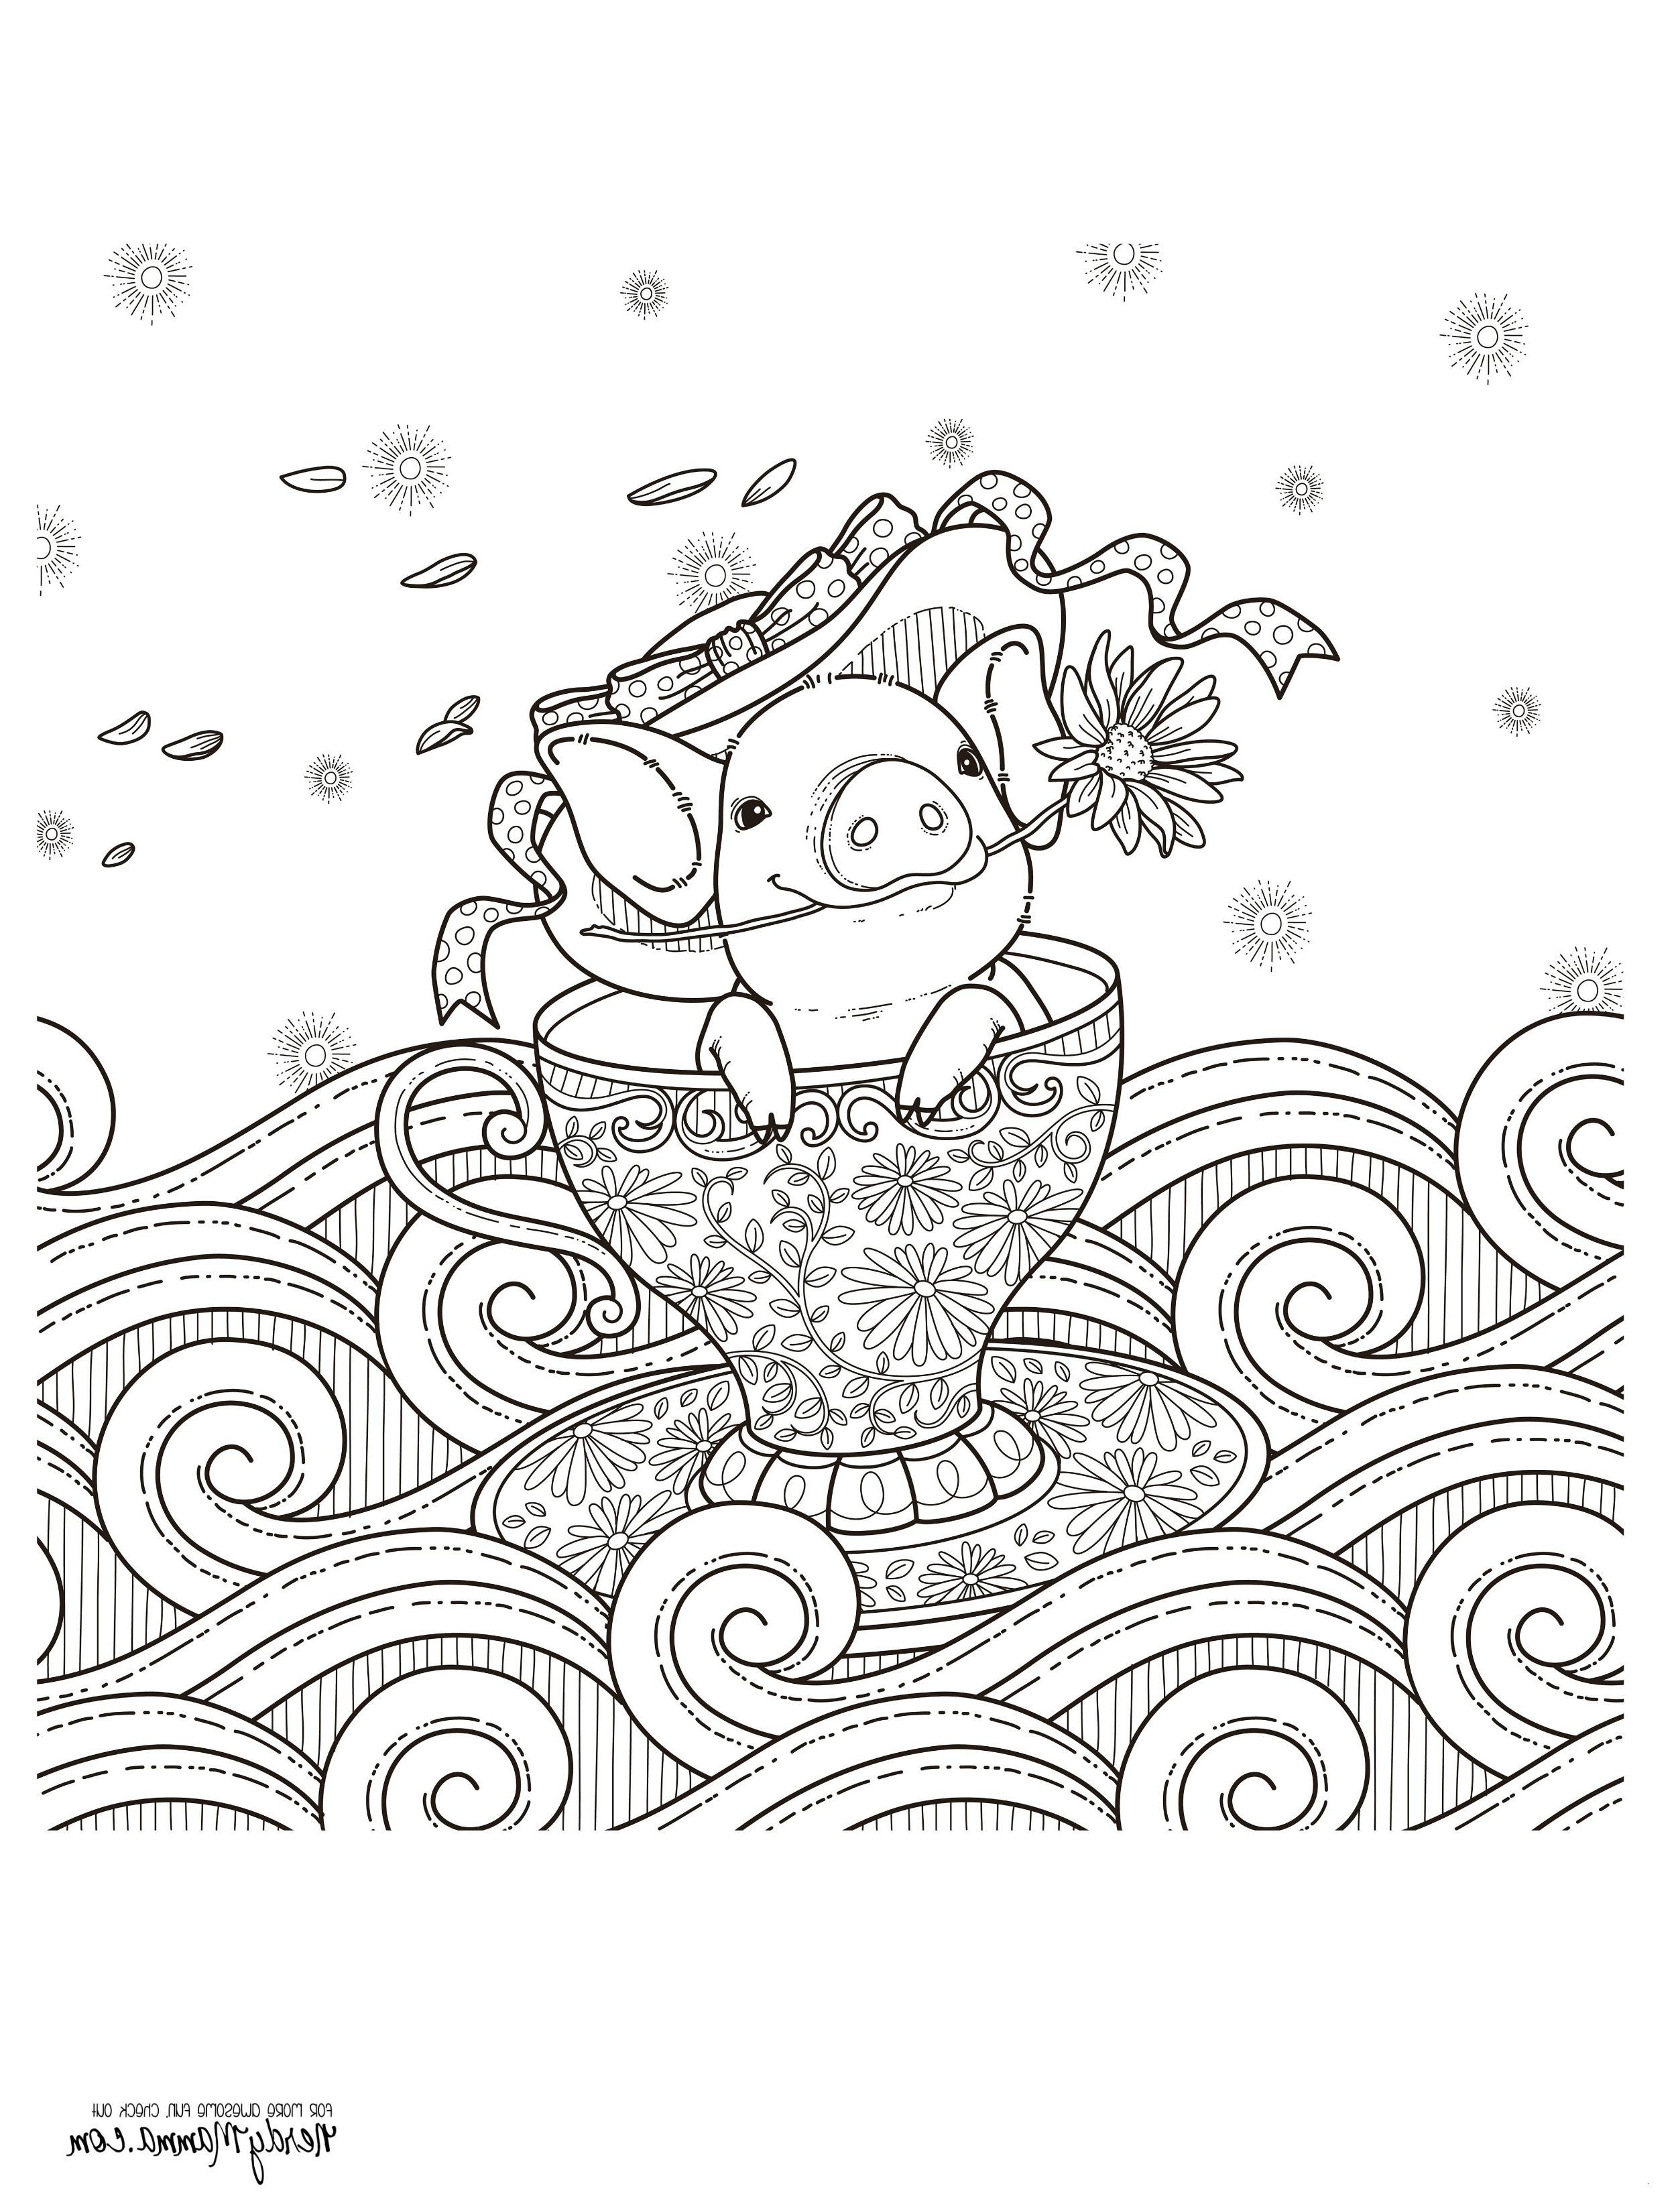 Pippi Langstrumpf Ausmalbild Genial 45 Frisch Ausmalbilder Wickie – Große Coloring Page Sammlung Stock